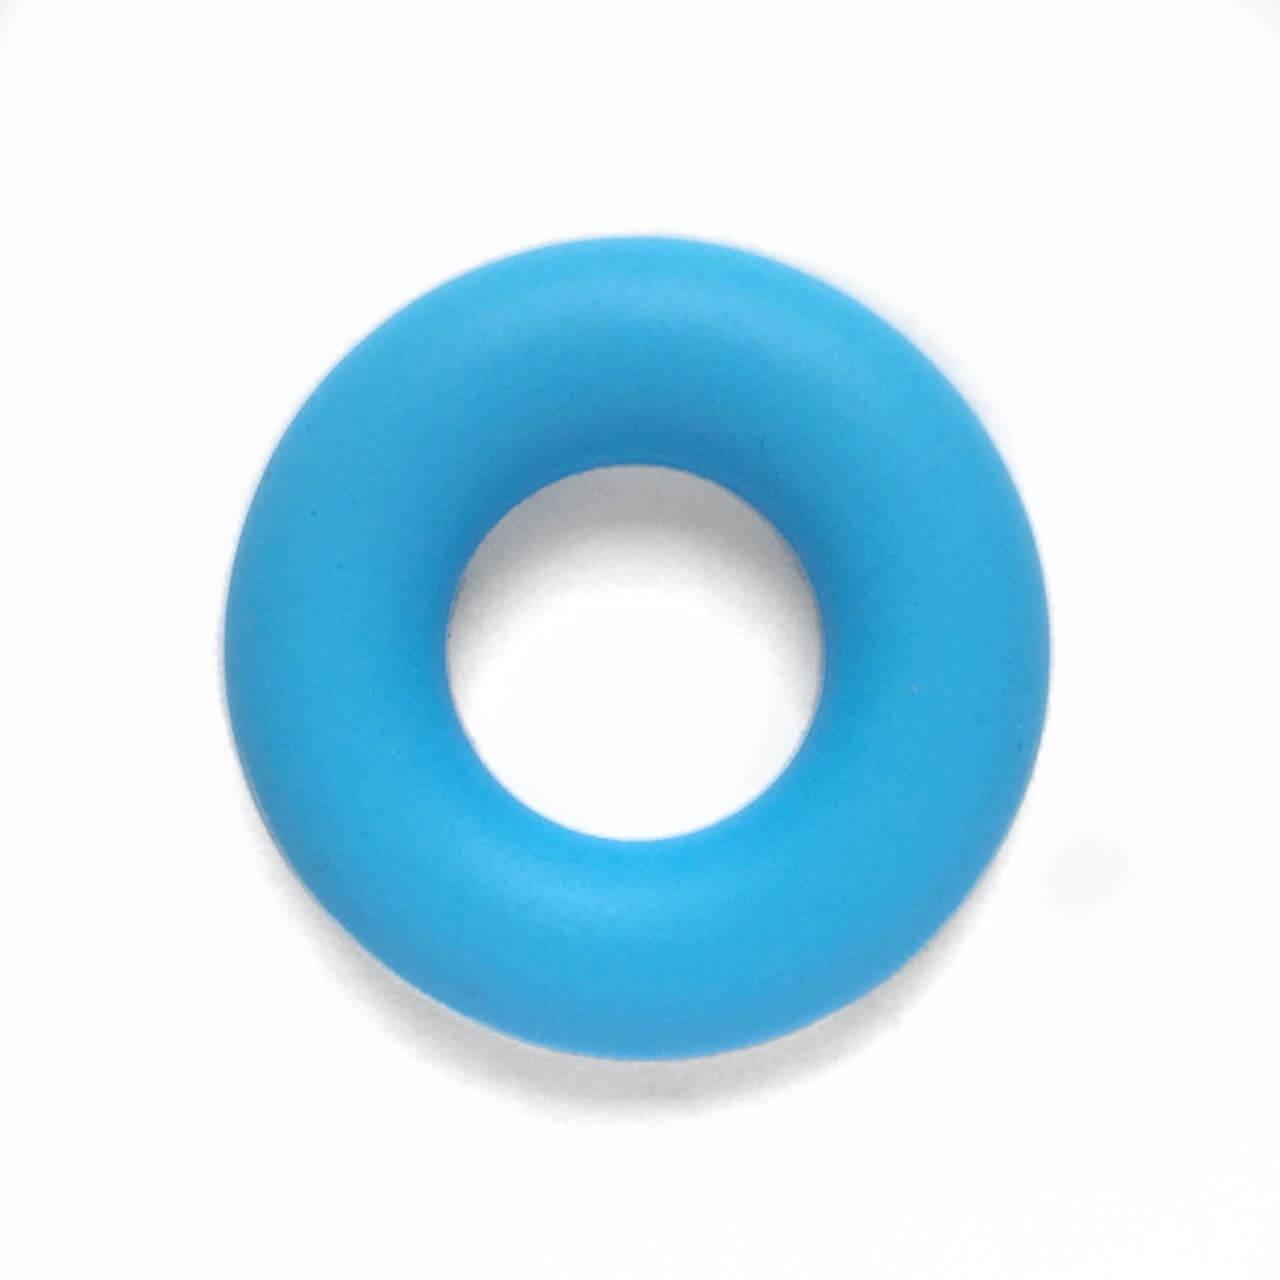 Колечко бублик (голубой) 43мм, бусины из пищевого силикона